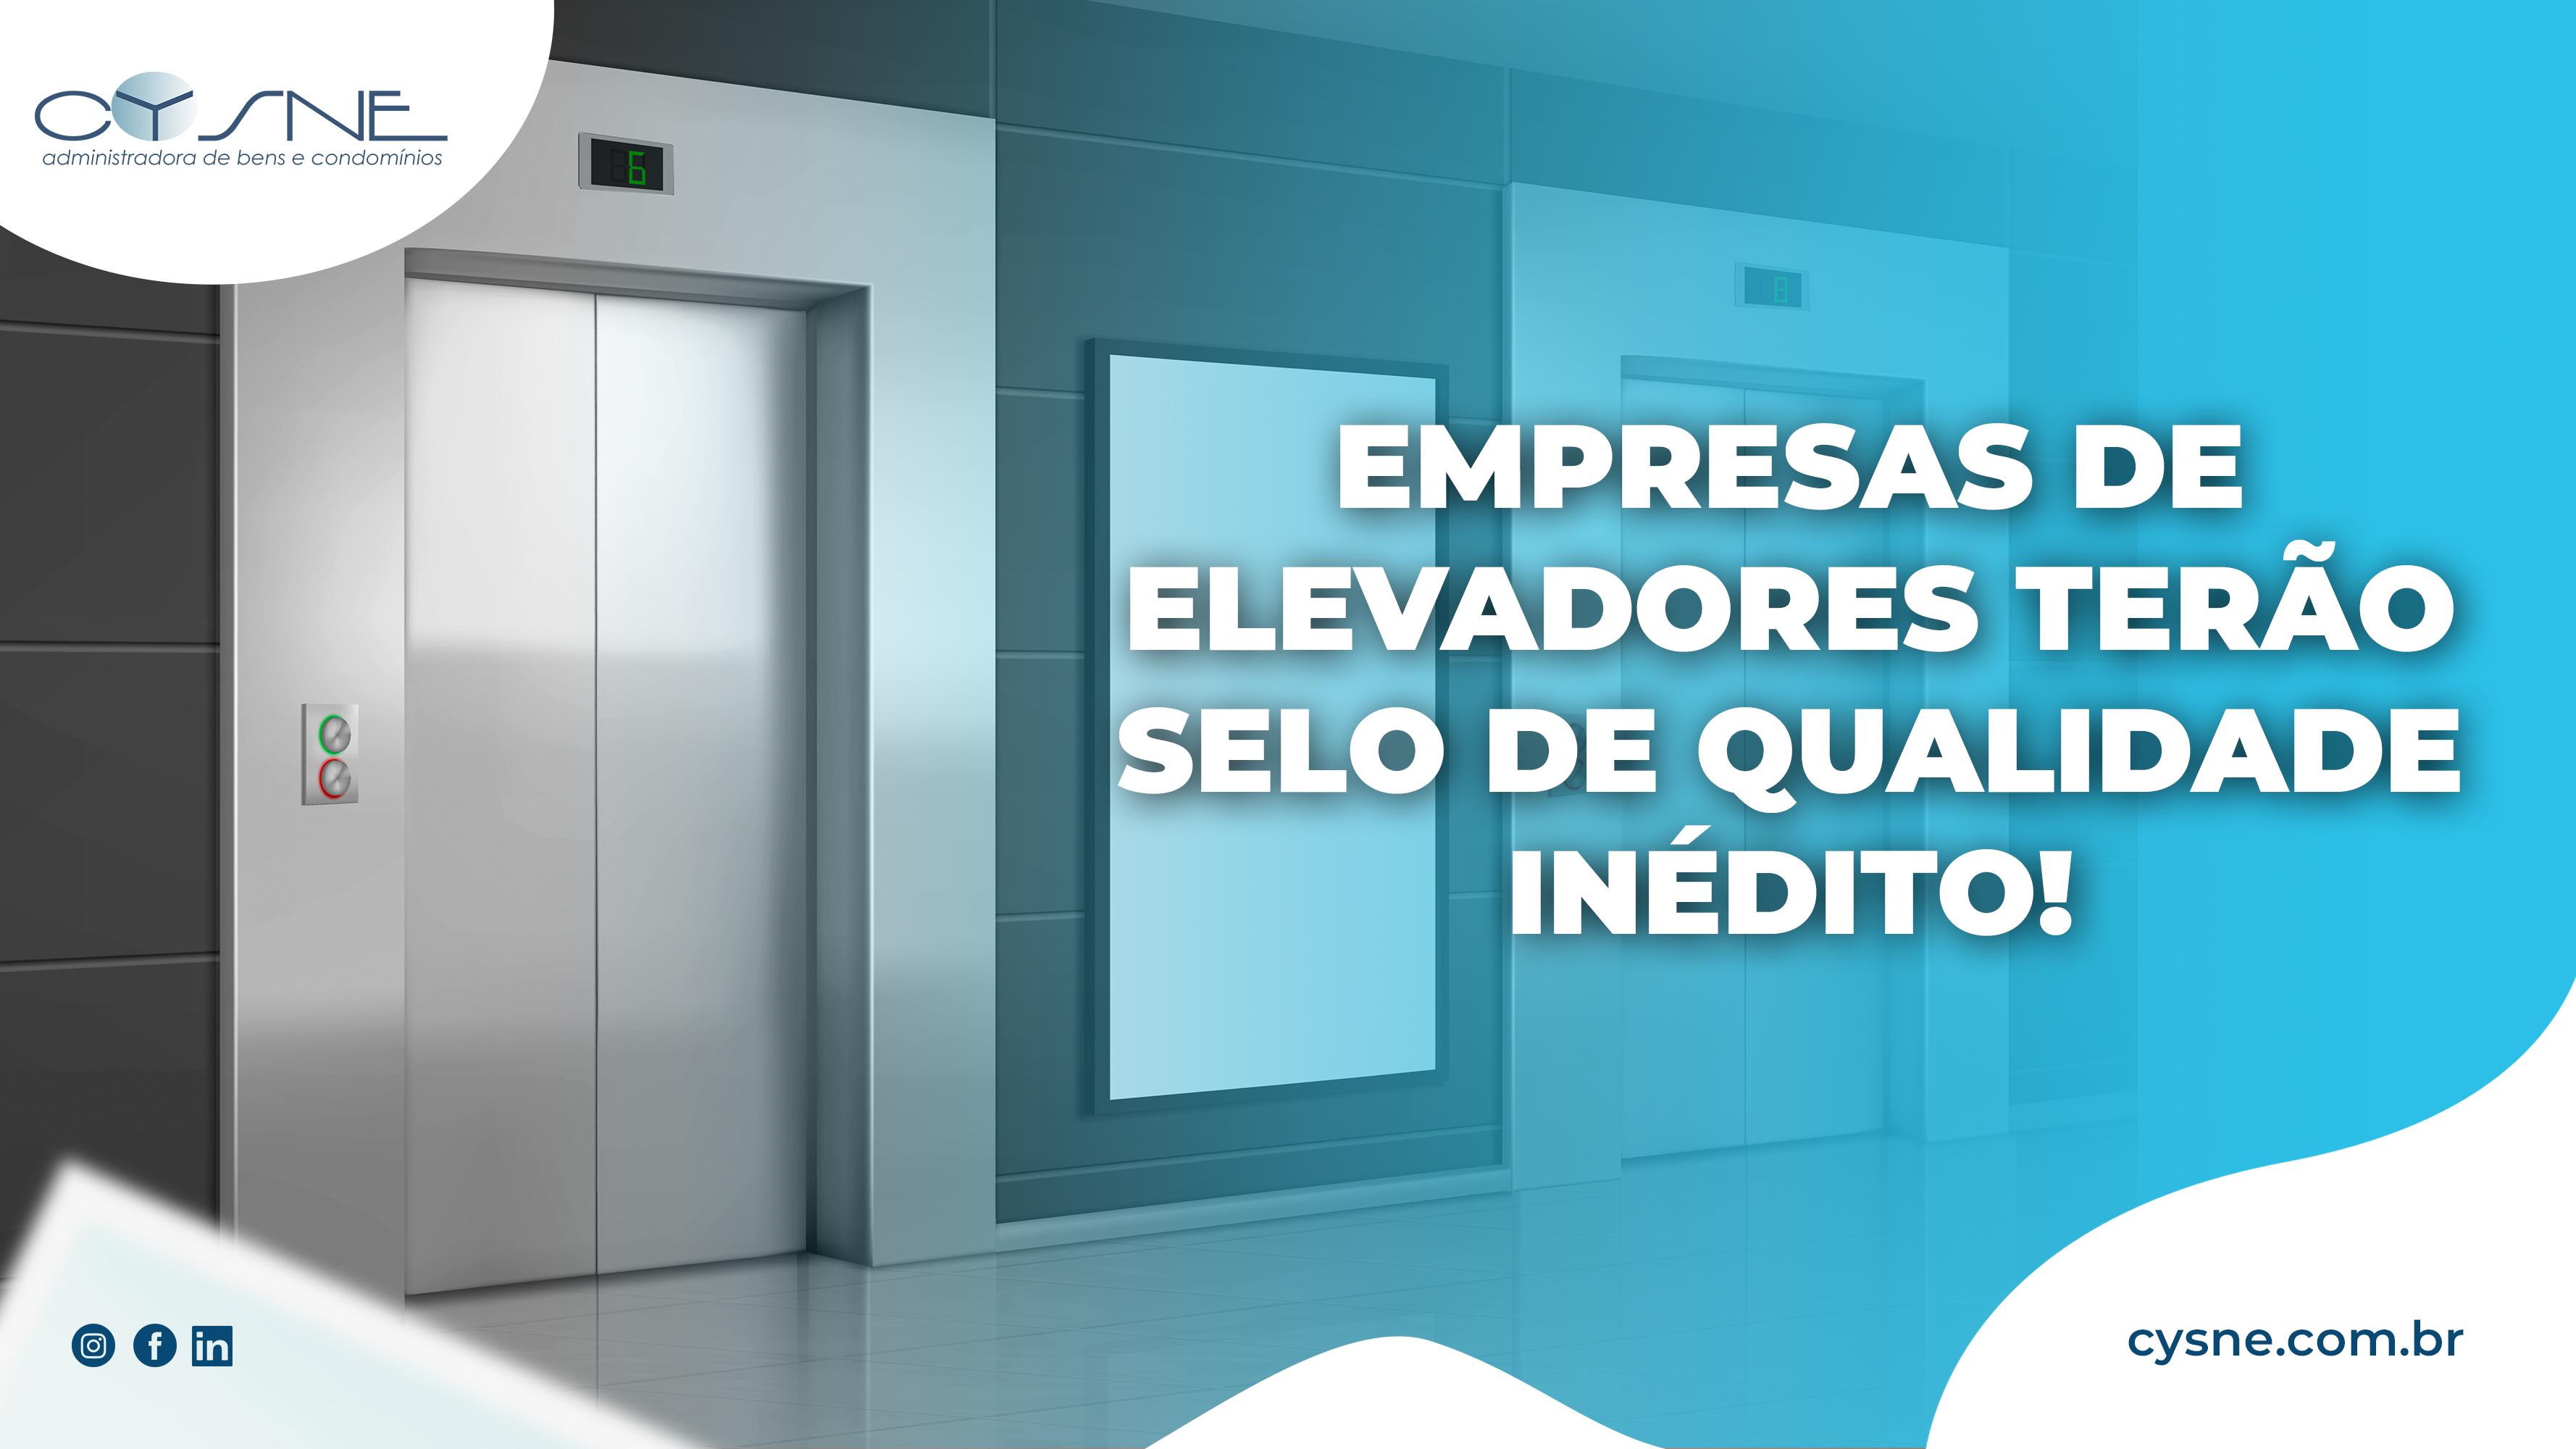 Empresas De Elevadores Terão Selo De Qualidade Inédito - Cysne Administradora de bens e Condomínios